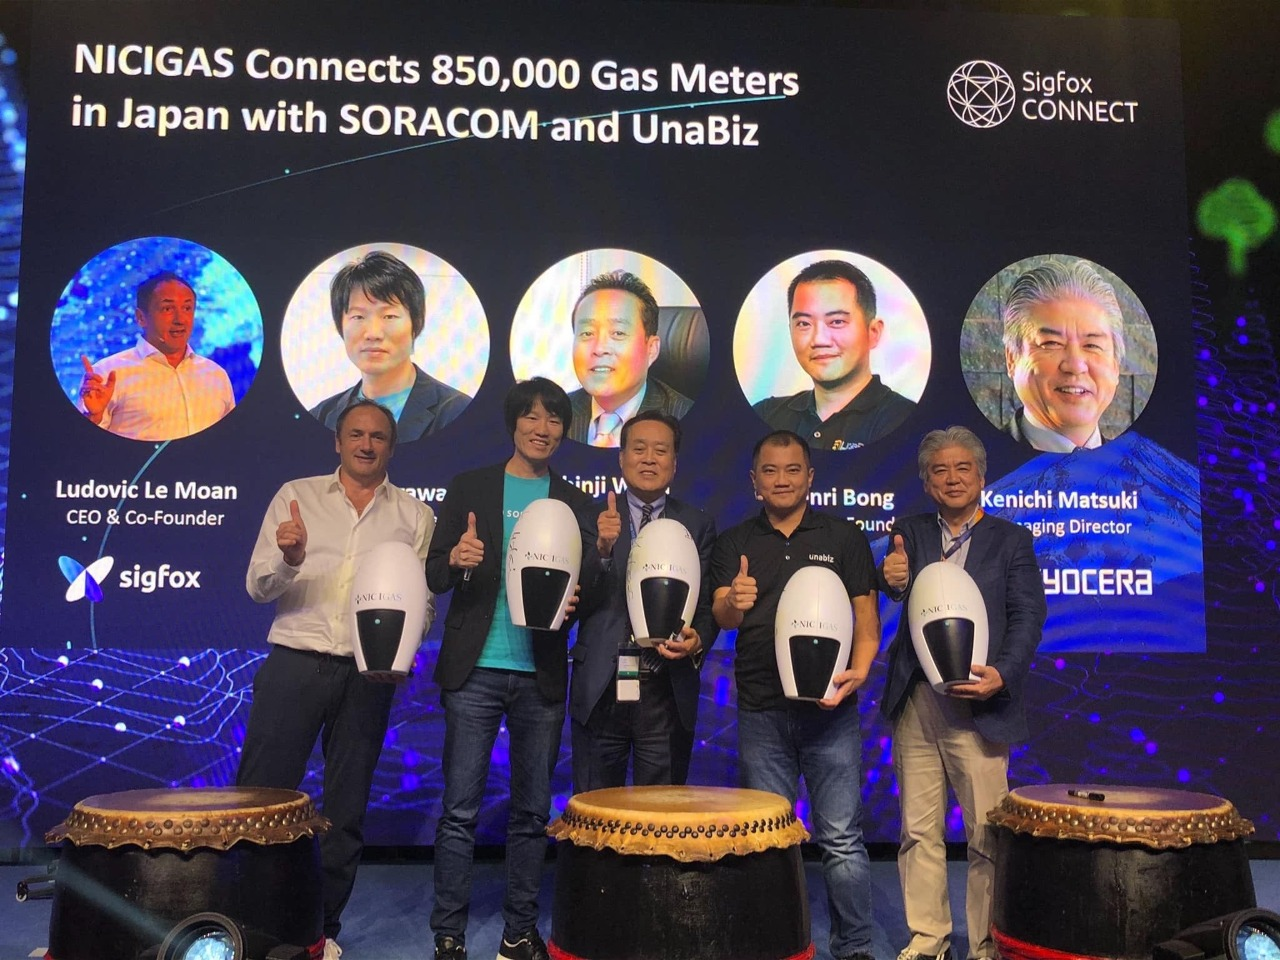 Projeto de 850.000 medidores de gás com Sigfox no Japão é uma das maiores implantações de soluções IoT no mundo